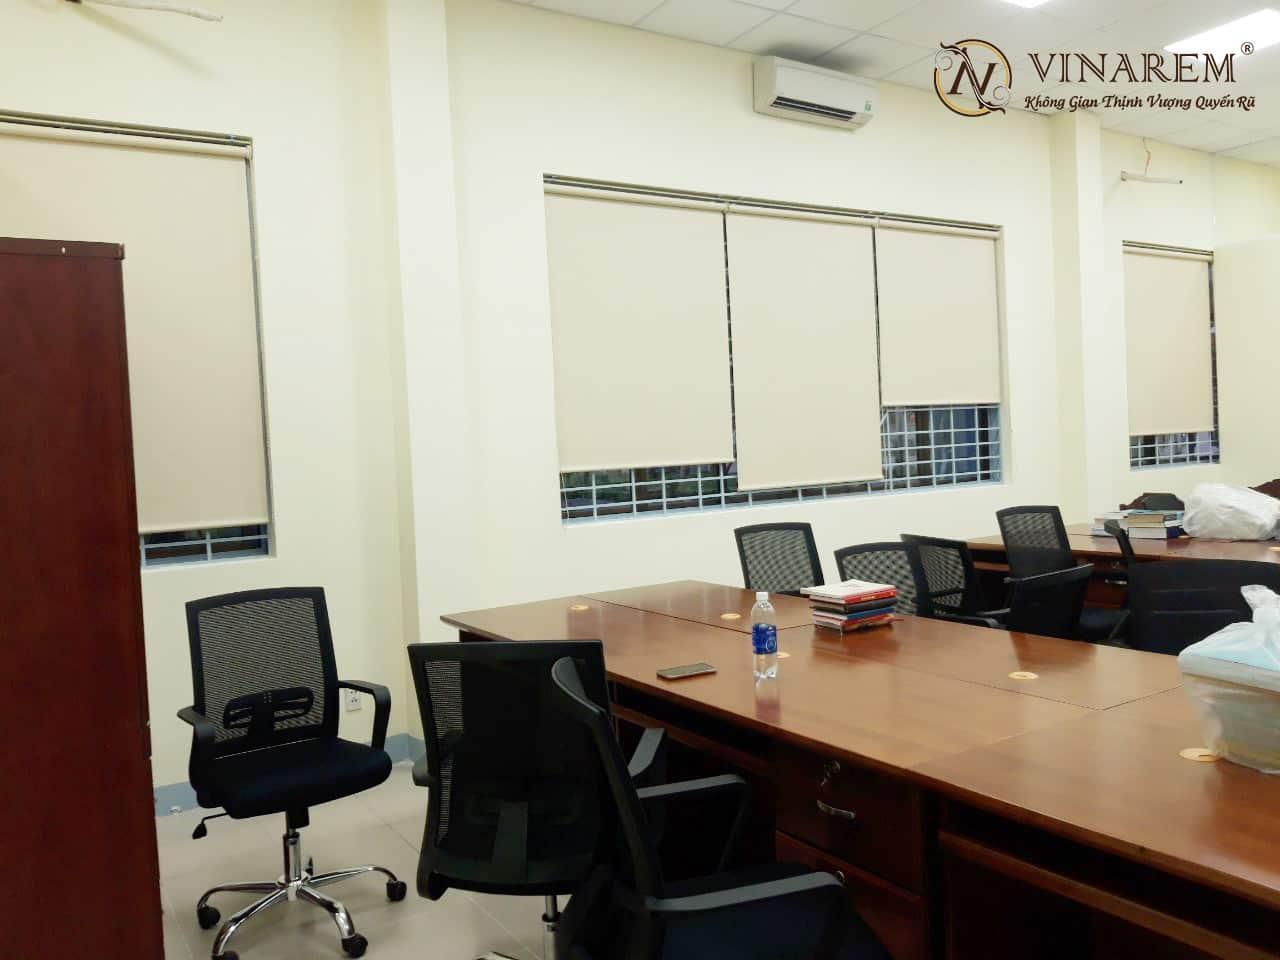 Rèm cuốn văn phòng sang trọng và hiện đại | Vinarem